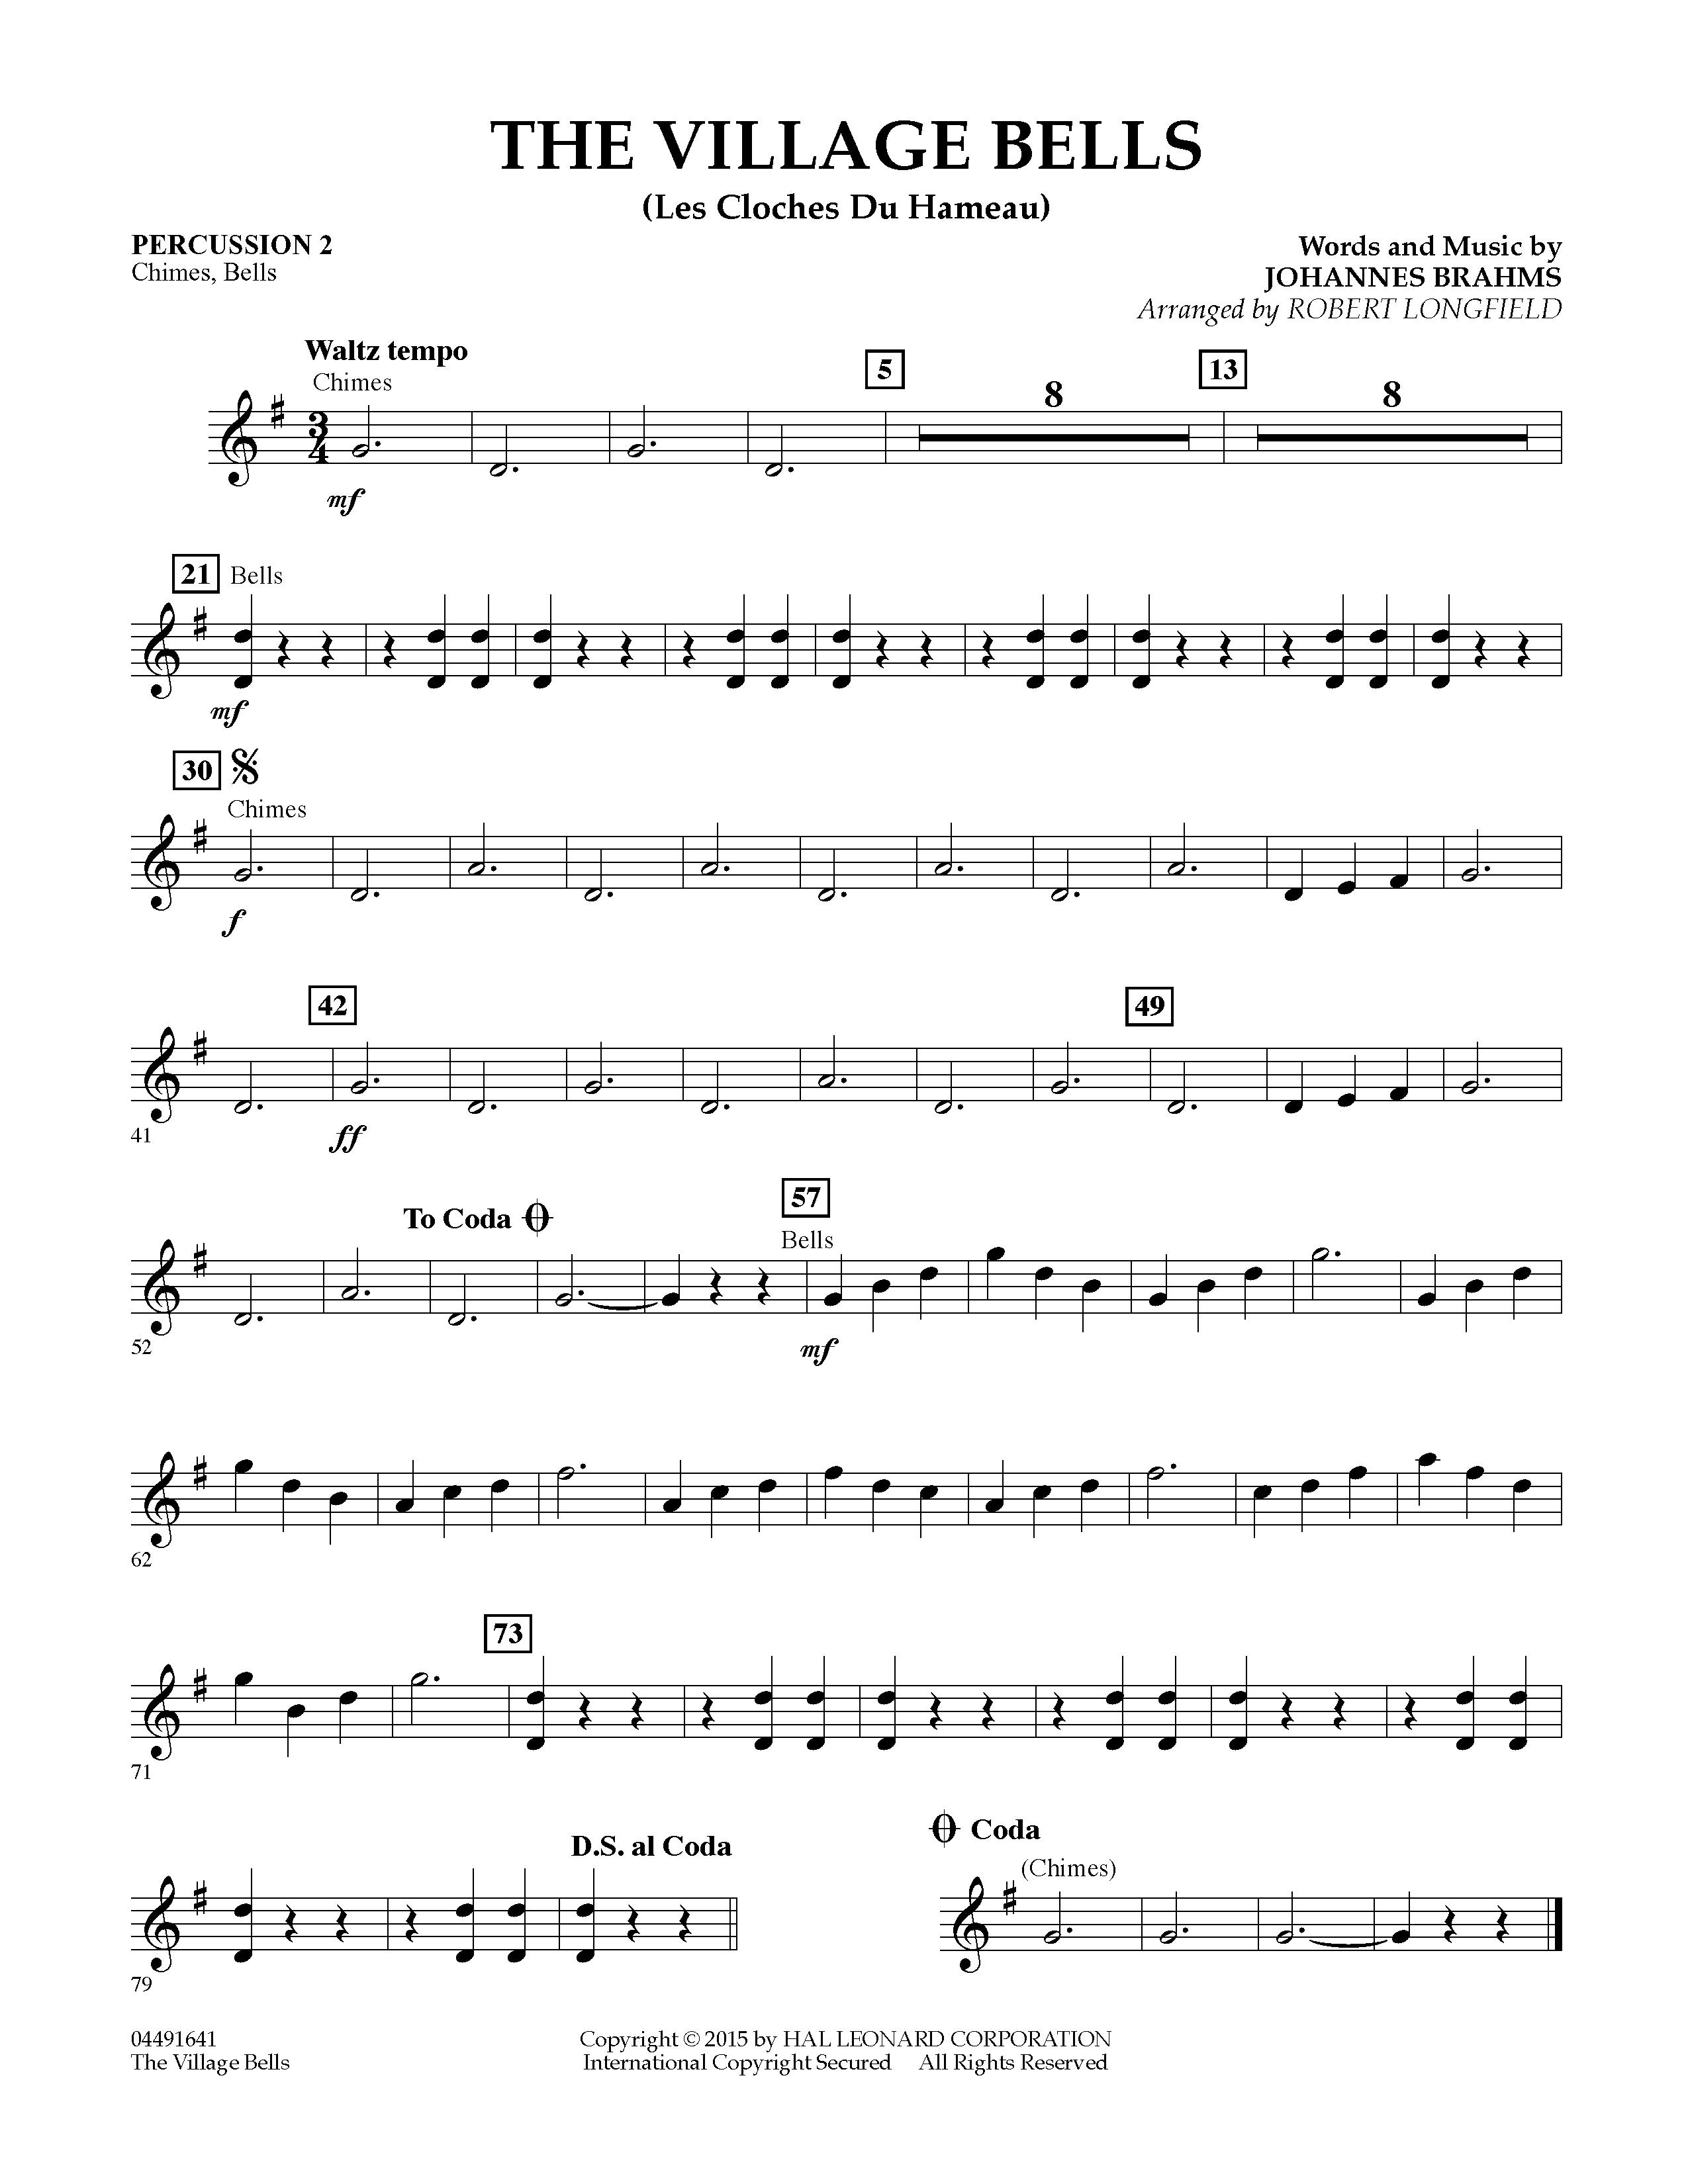 The Village Bells (Les Cloche du Hameau) - Percussion 2 (Orchestra)